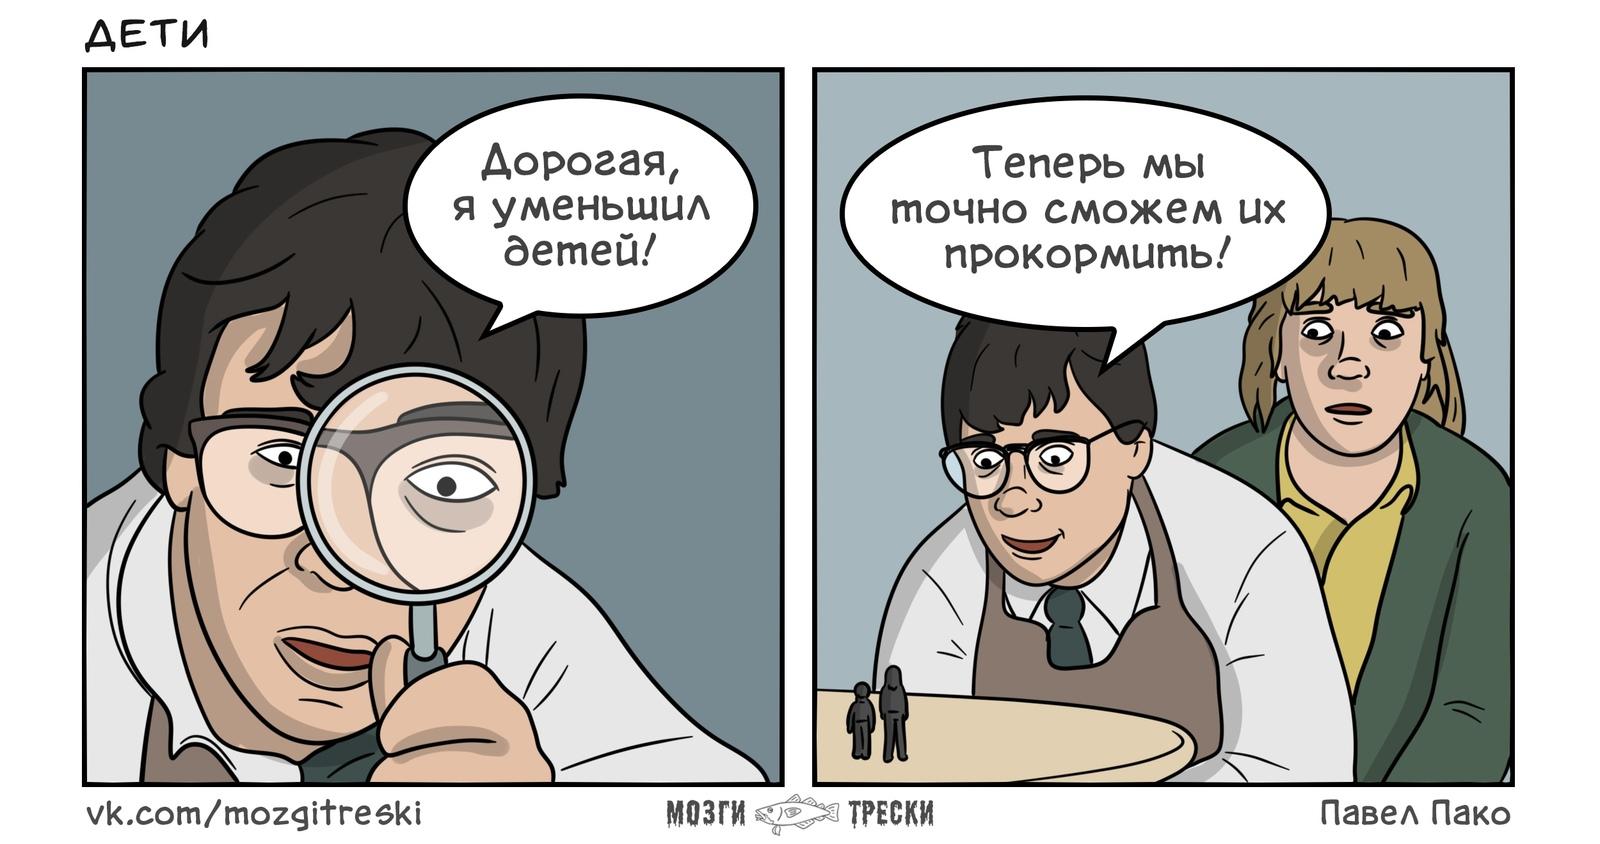 точно Это вас русские свингеры меняются есть что-нибудь?